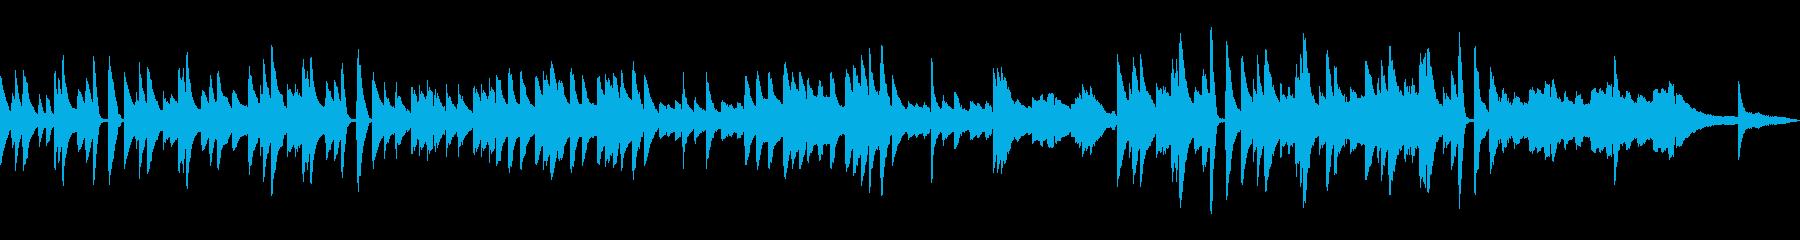 軽快で爽やかなピアノ曲の再生済みの波形